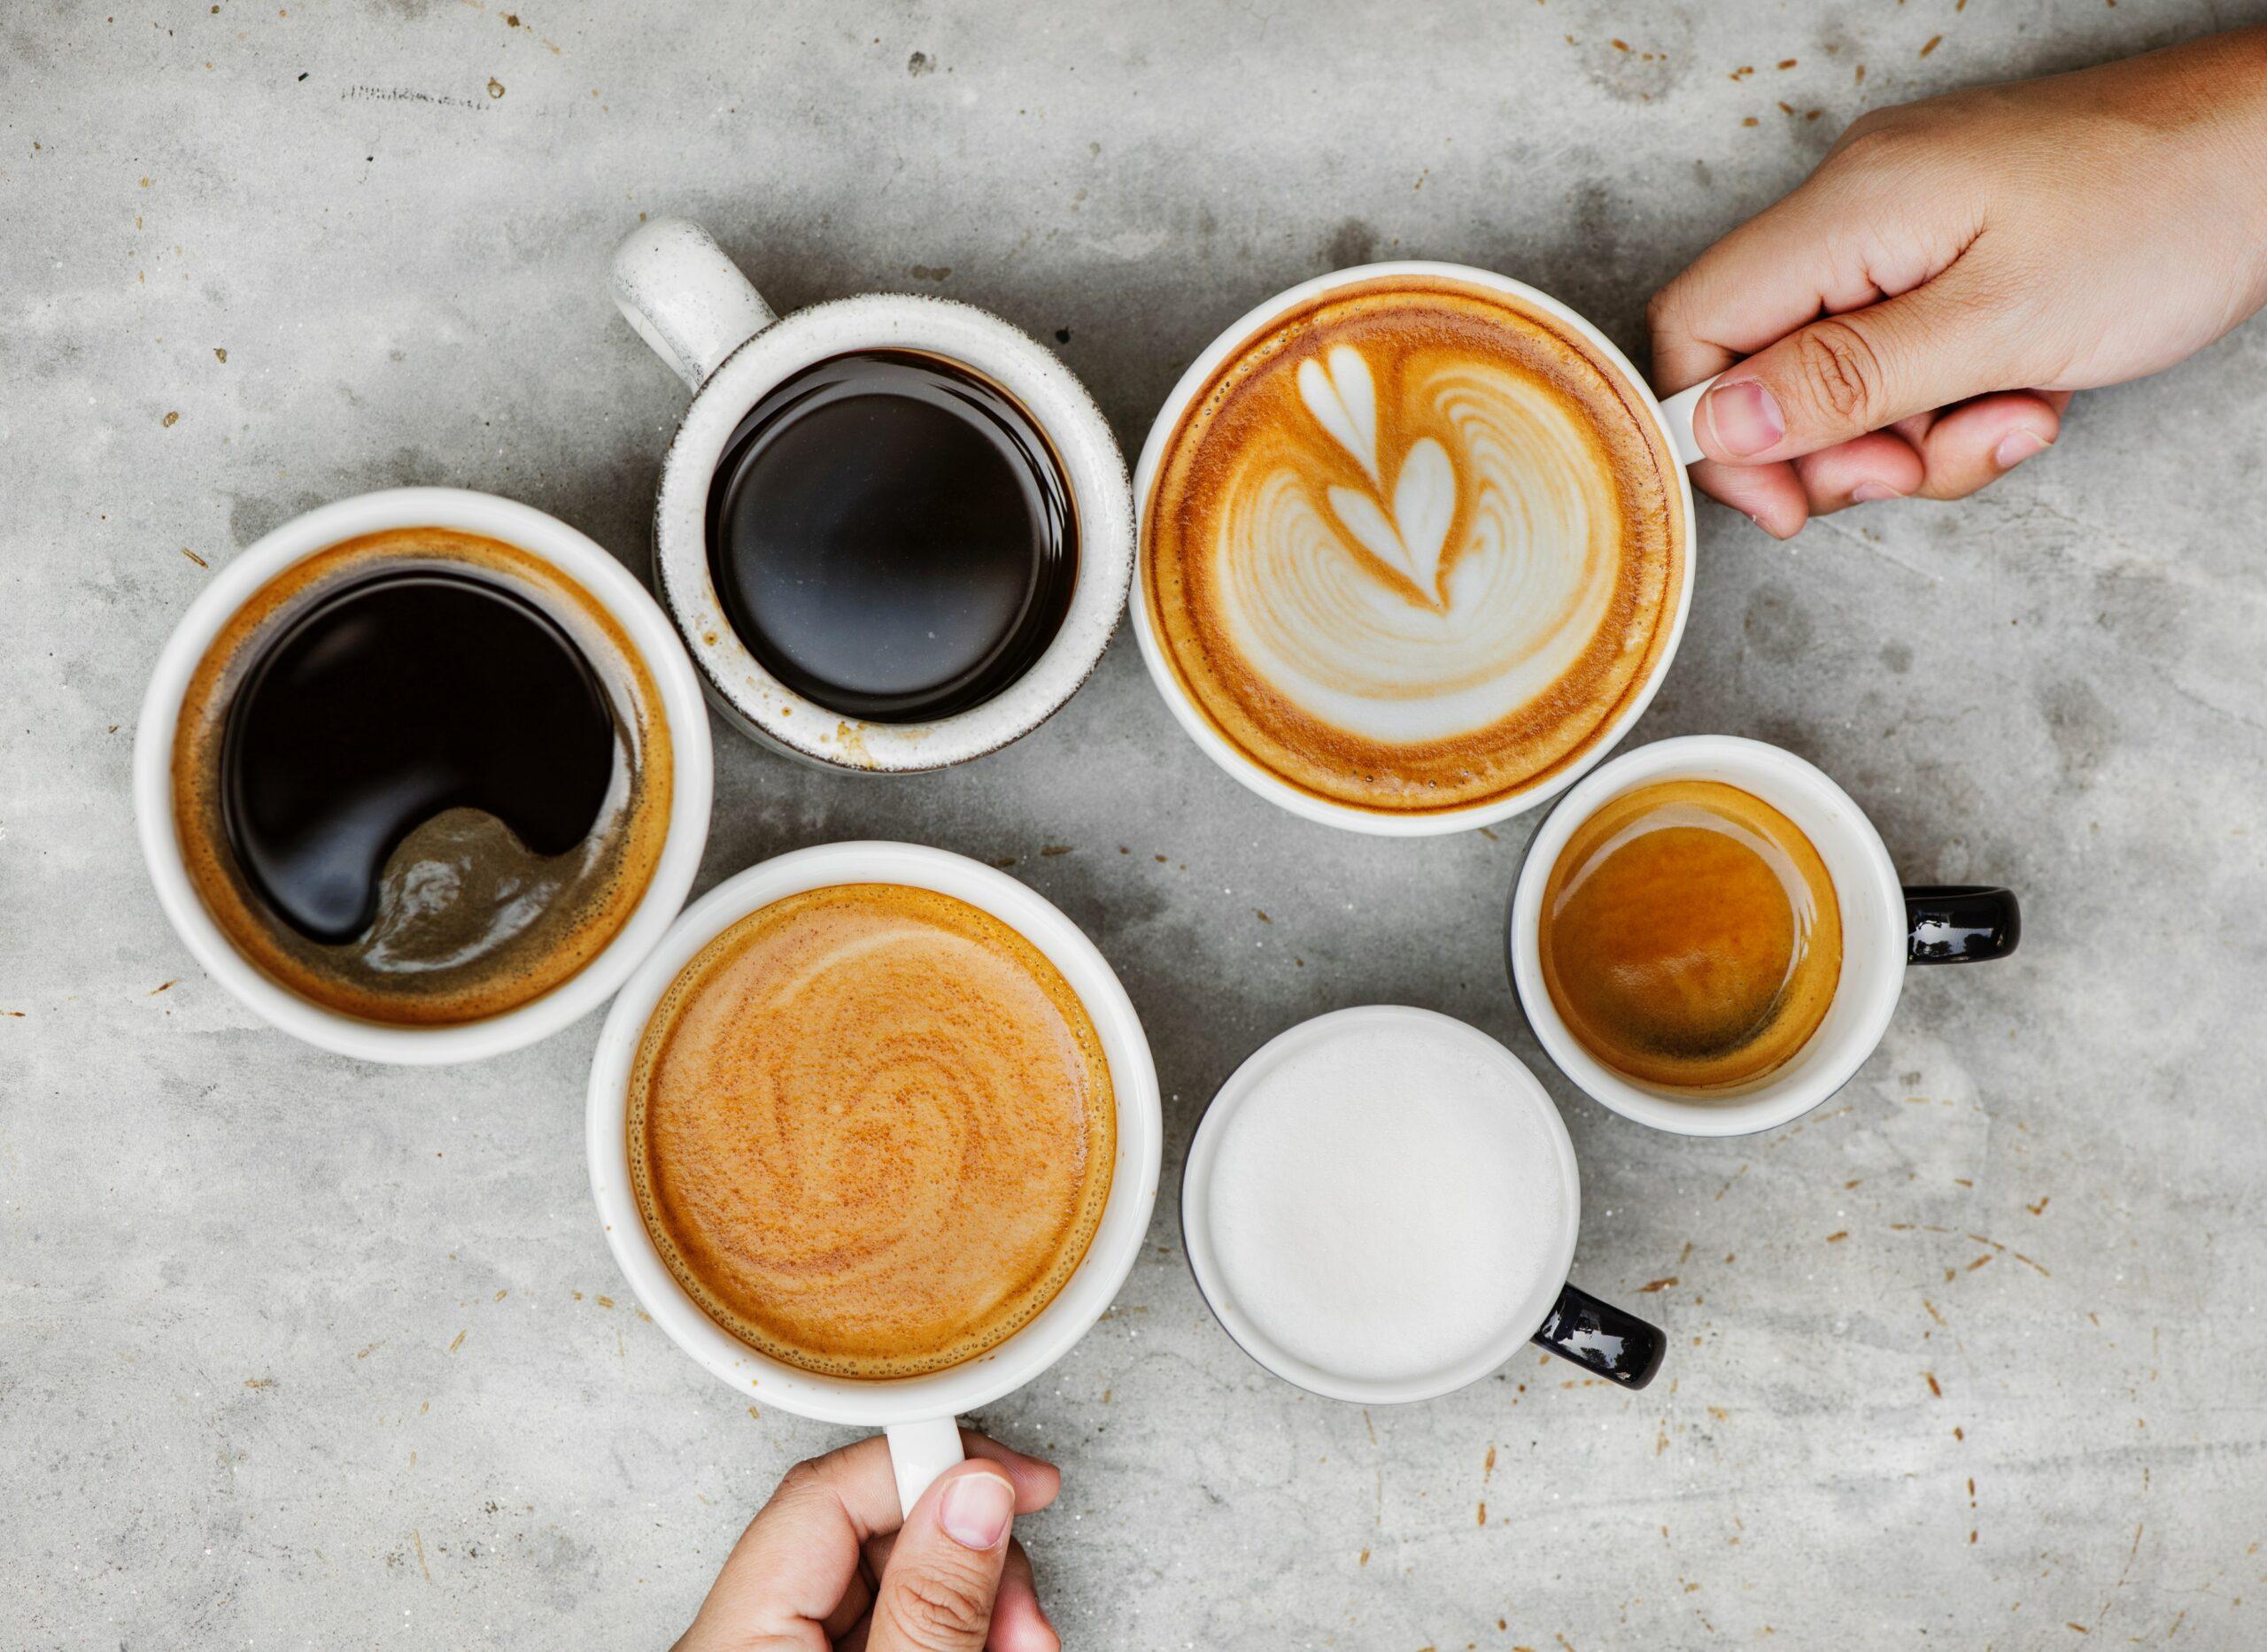 Americano, lungo, cappuccino… Vyznáte se v kávových nápojích?